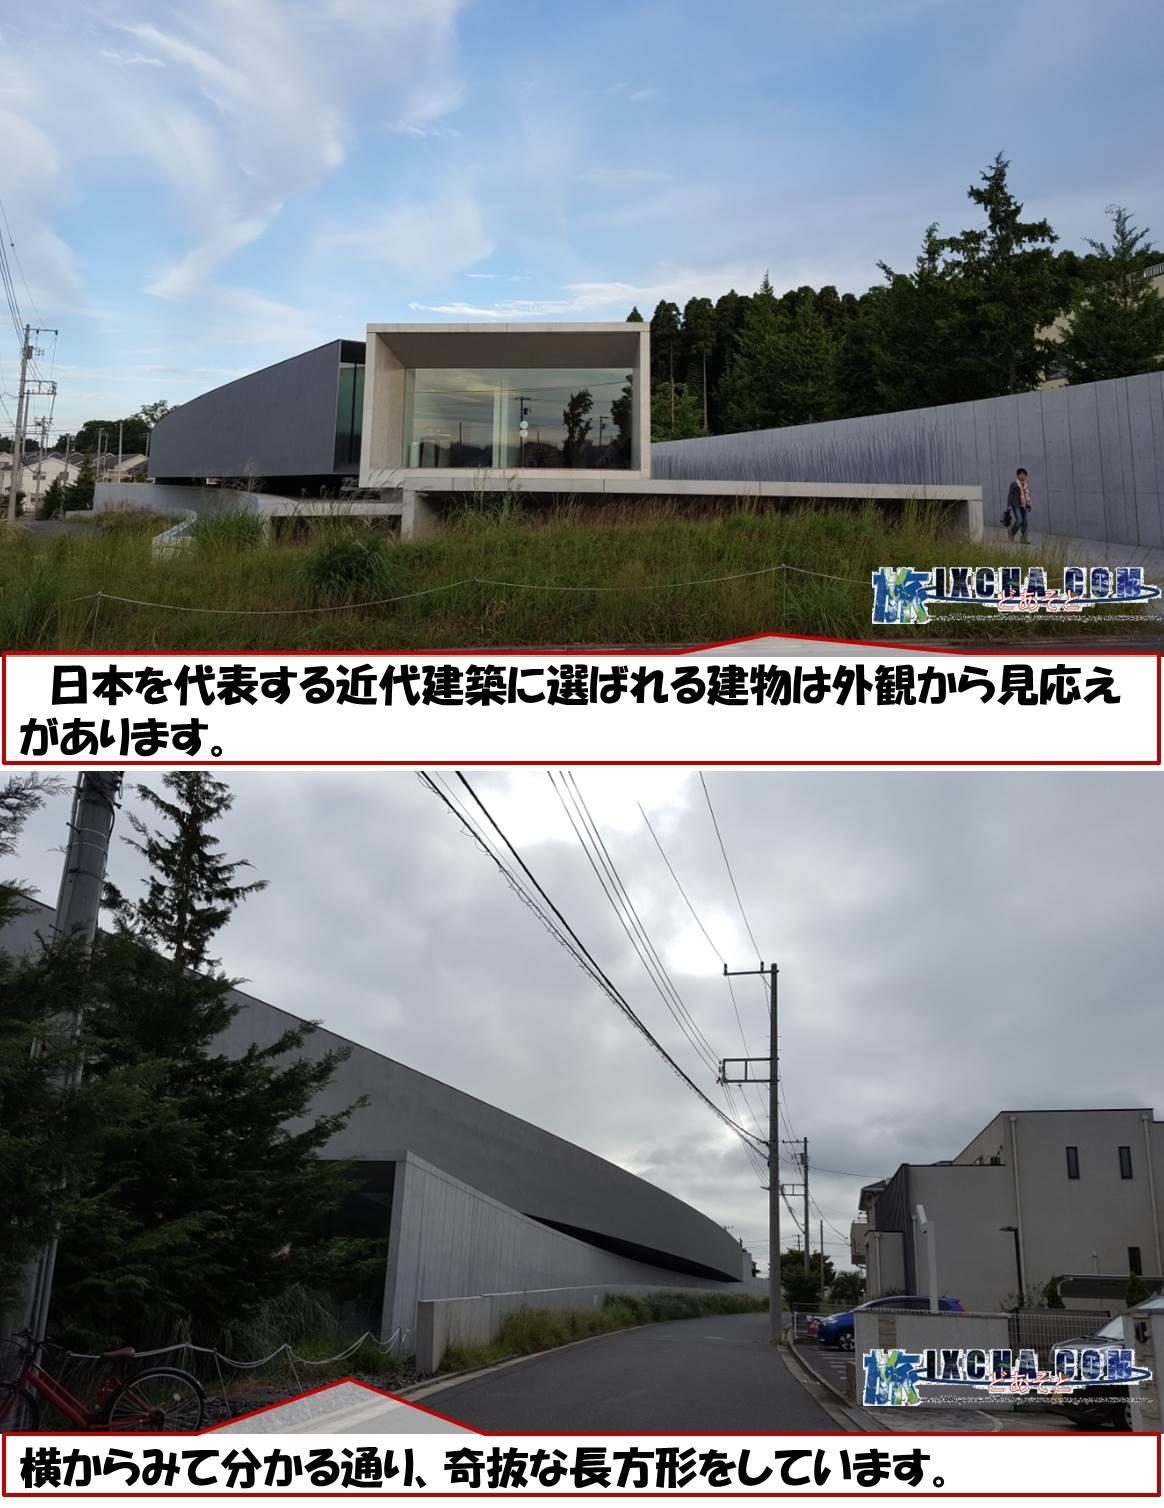 日本を代表する近代建築に選ばれる建物は外観から見応えがあります。 横からみて分かる通り、奇抜な長方形をしています。